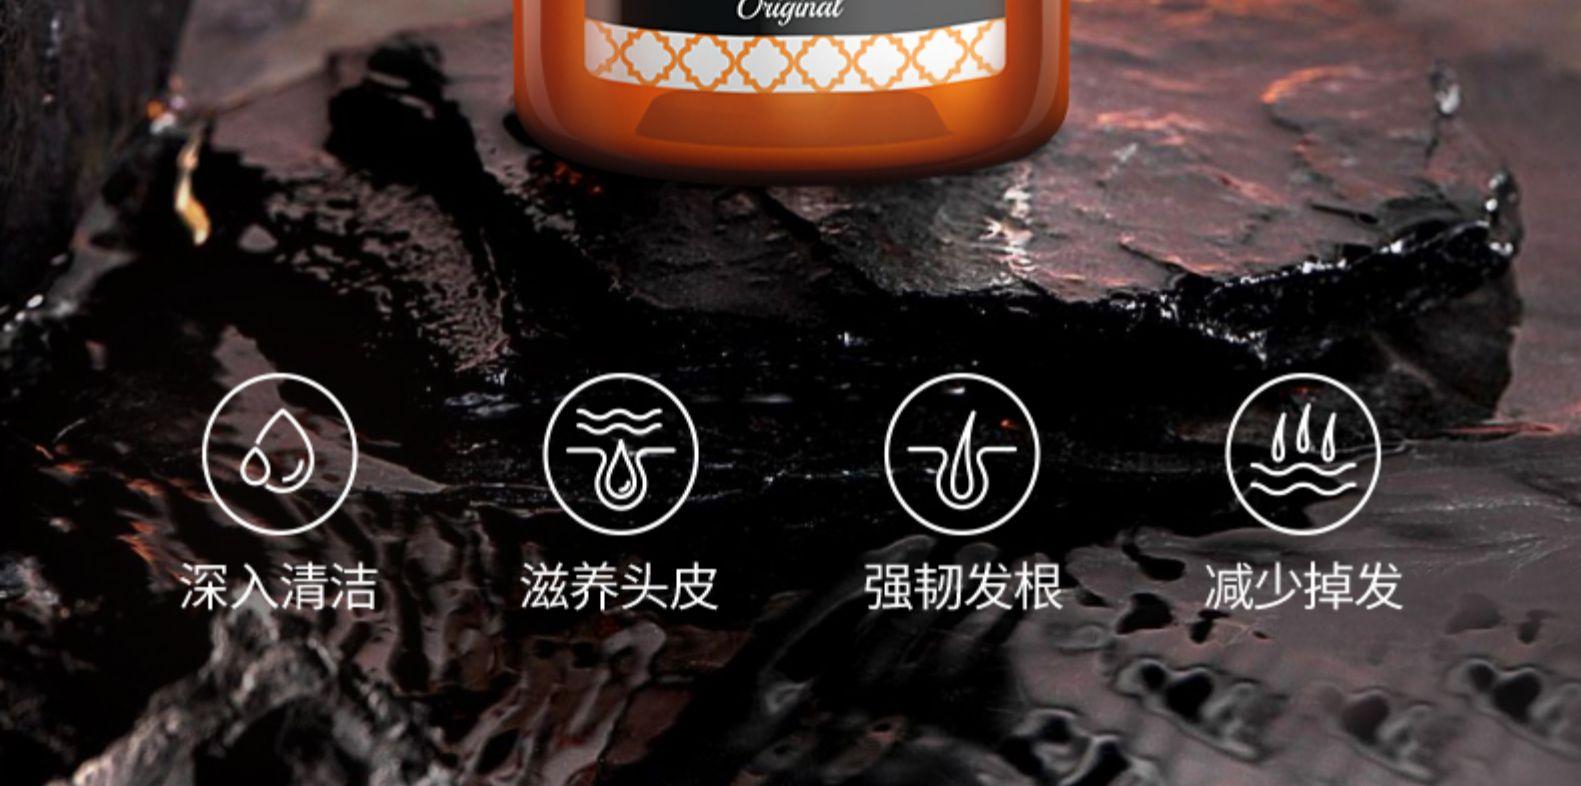 西班牙 Nuggela 金牌防脱发洗发水 100ml/瓶 图3